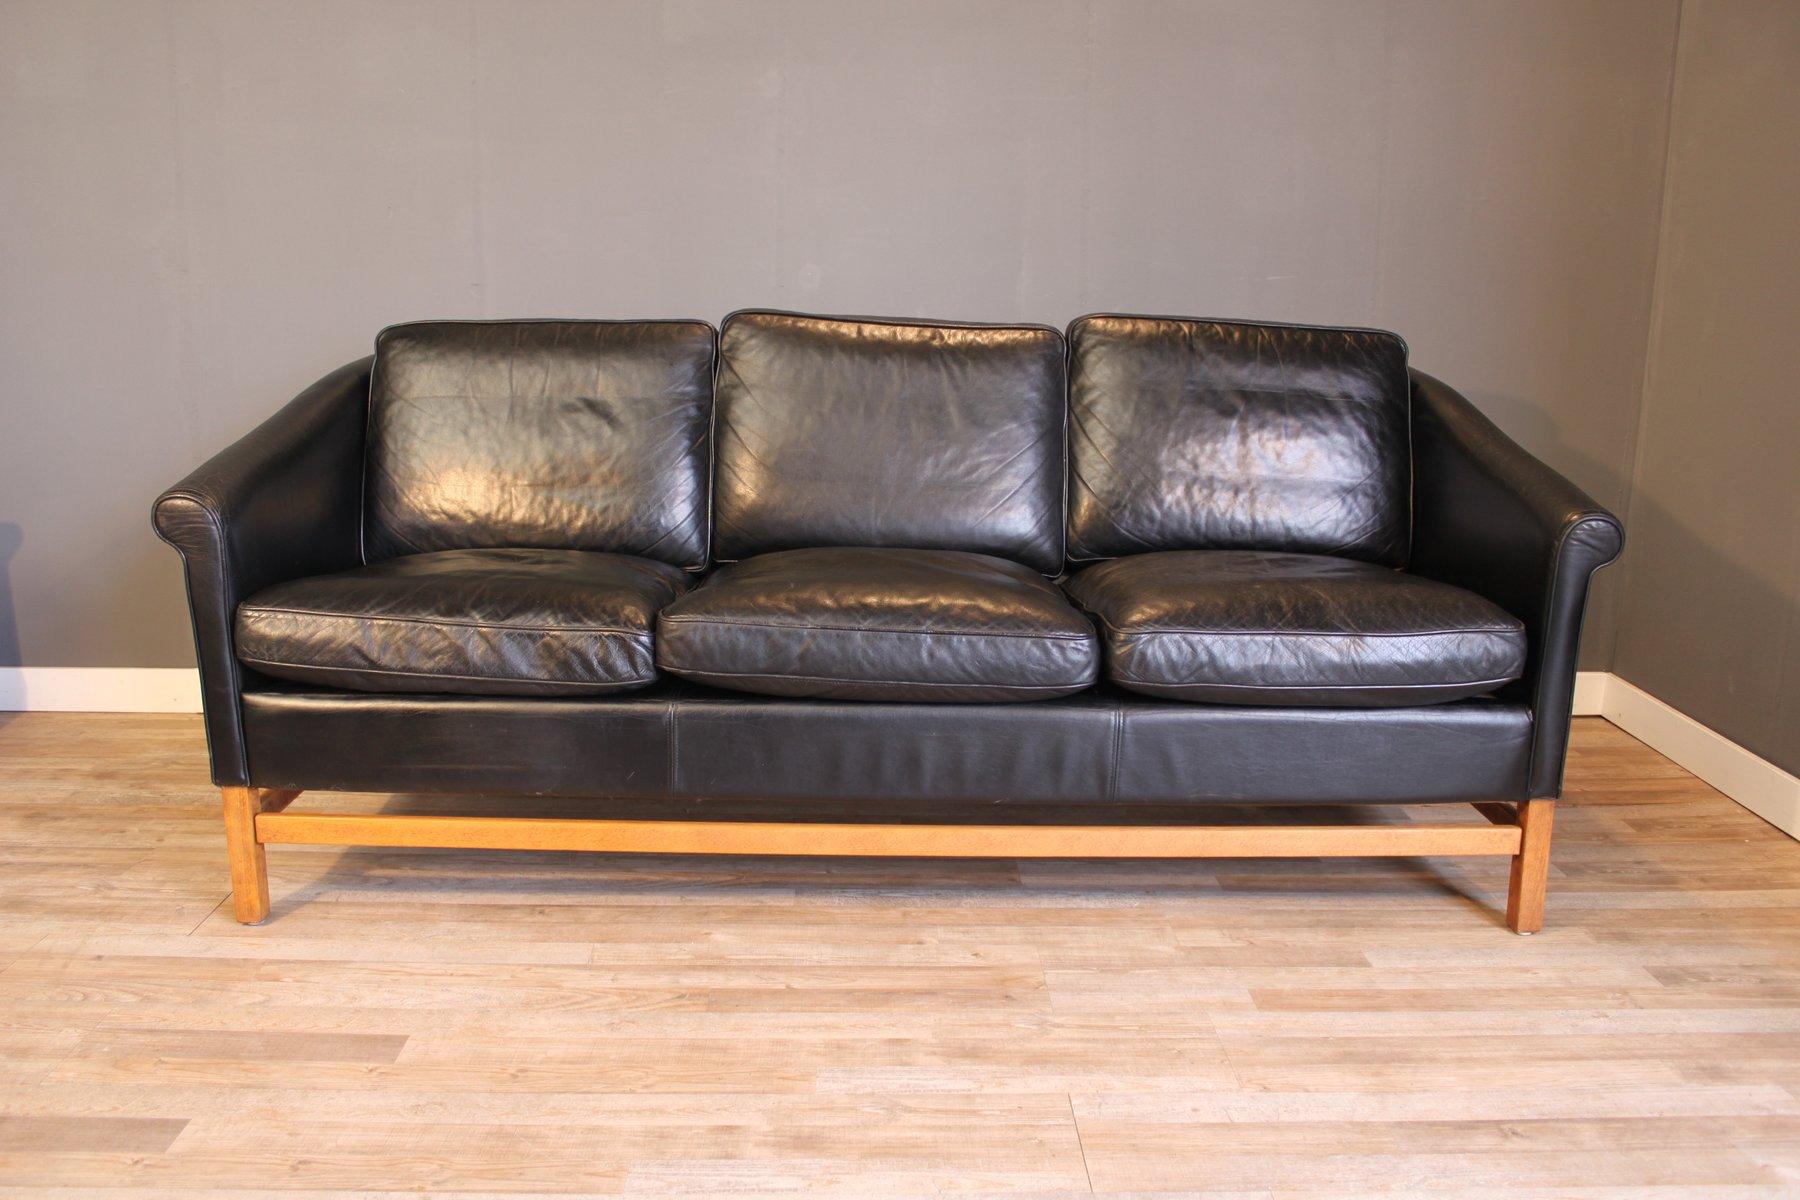 Schwarzes Leder 3 Sitzer Sofa mit Buche Gestell von Stouby 1970er